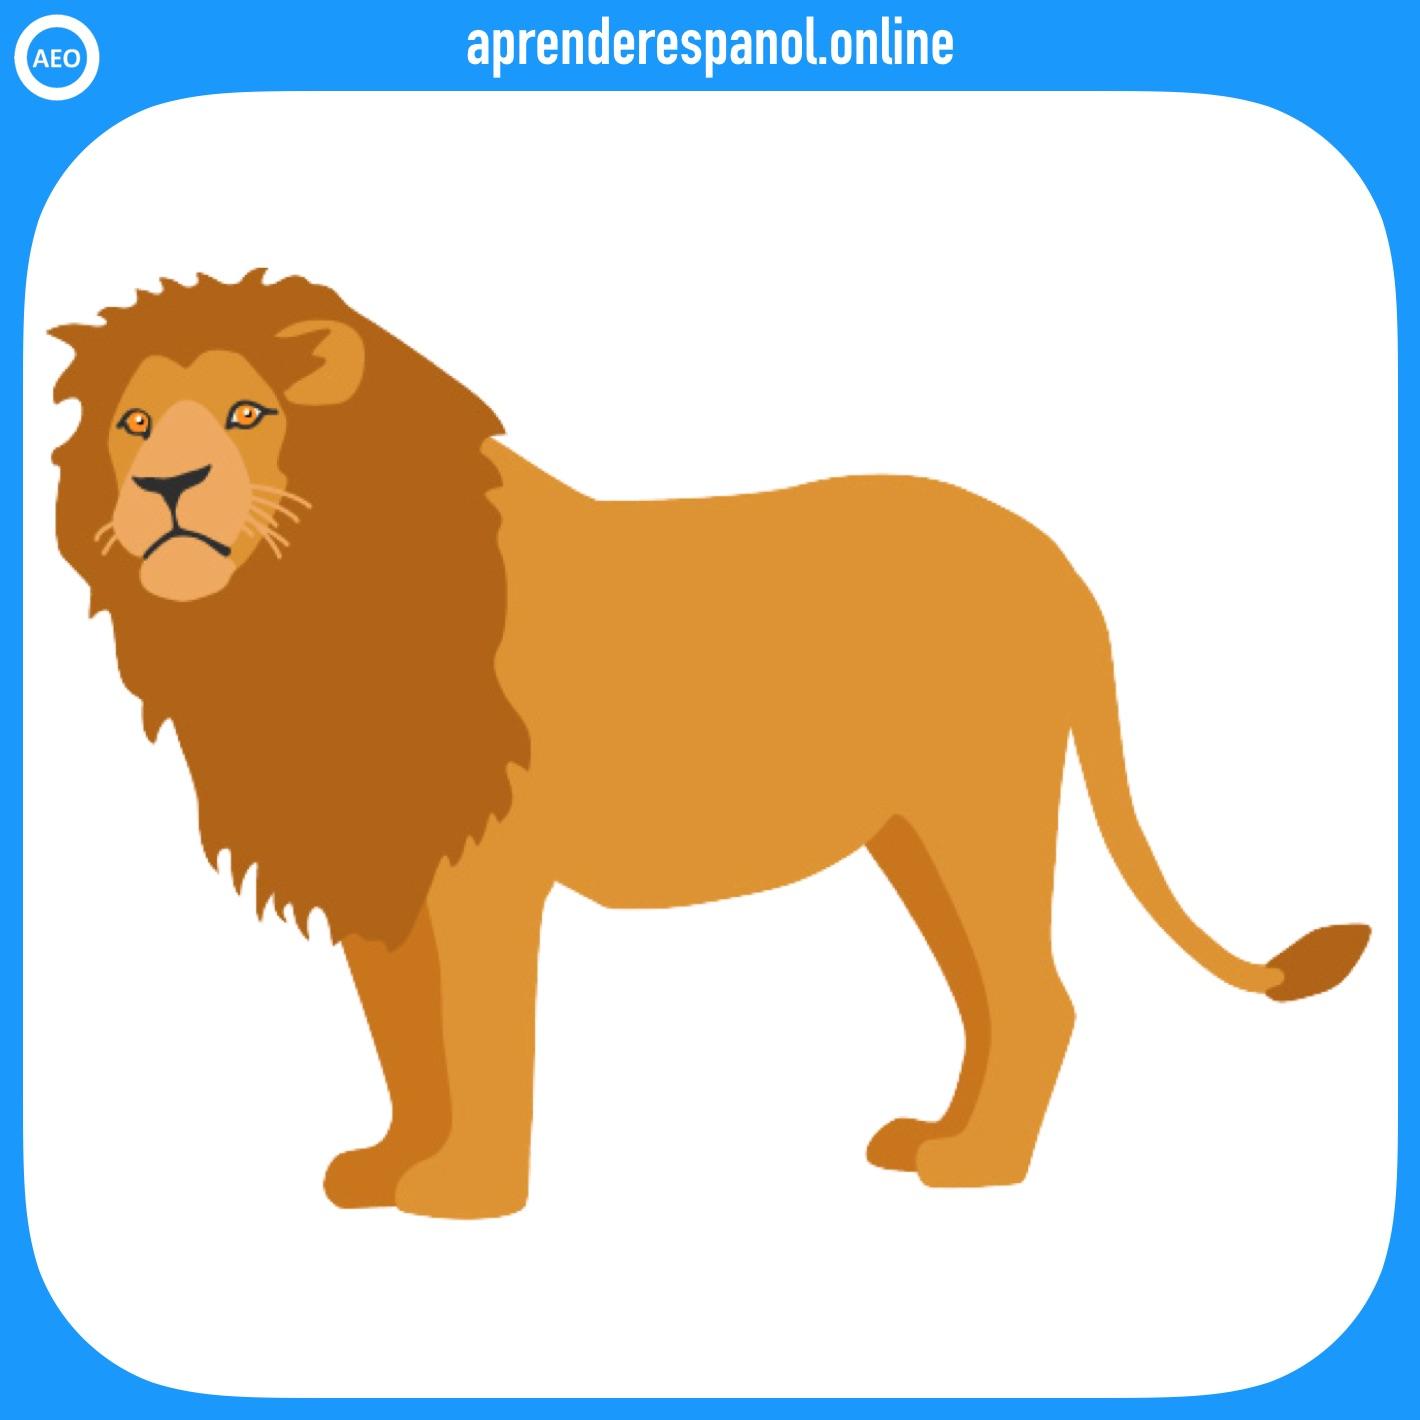 león | animales en español | vocabulario de los animales en español